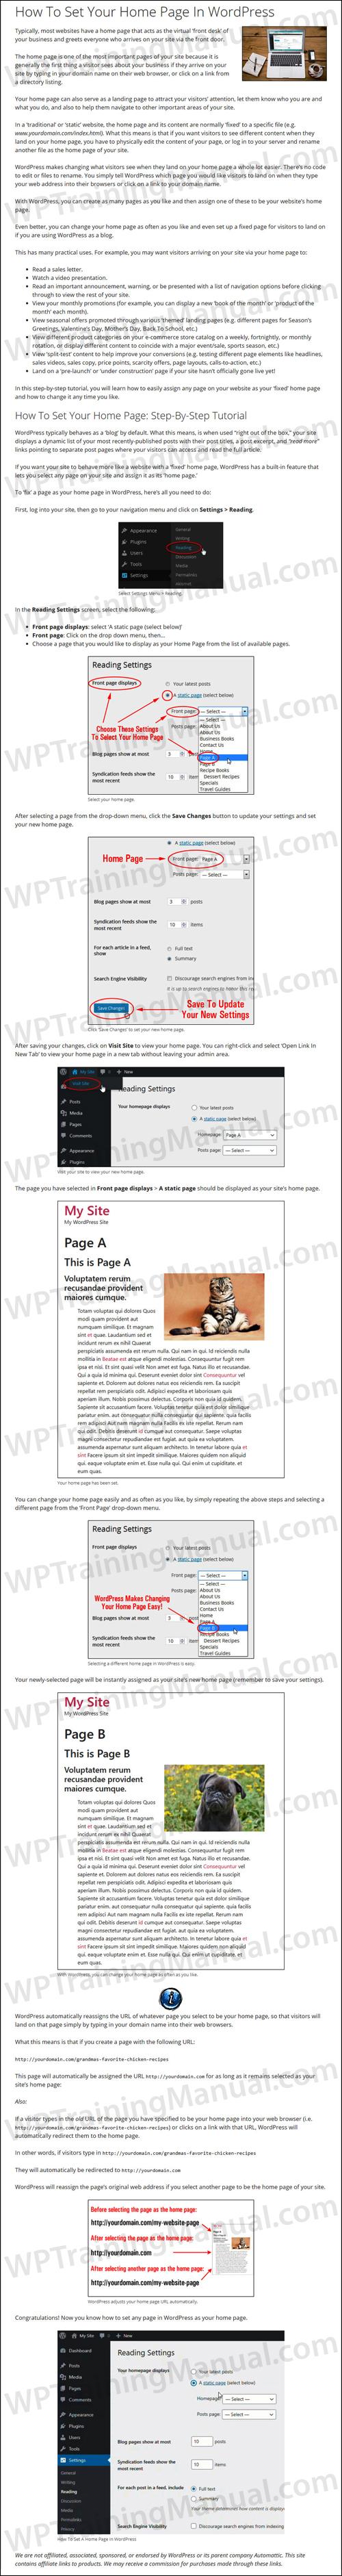 Tutorial: How To Set A HomePage For Your Website - WPTrainingManual.com